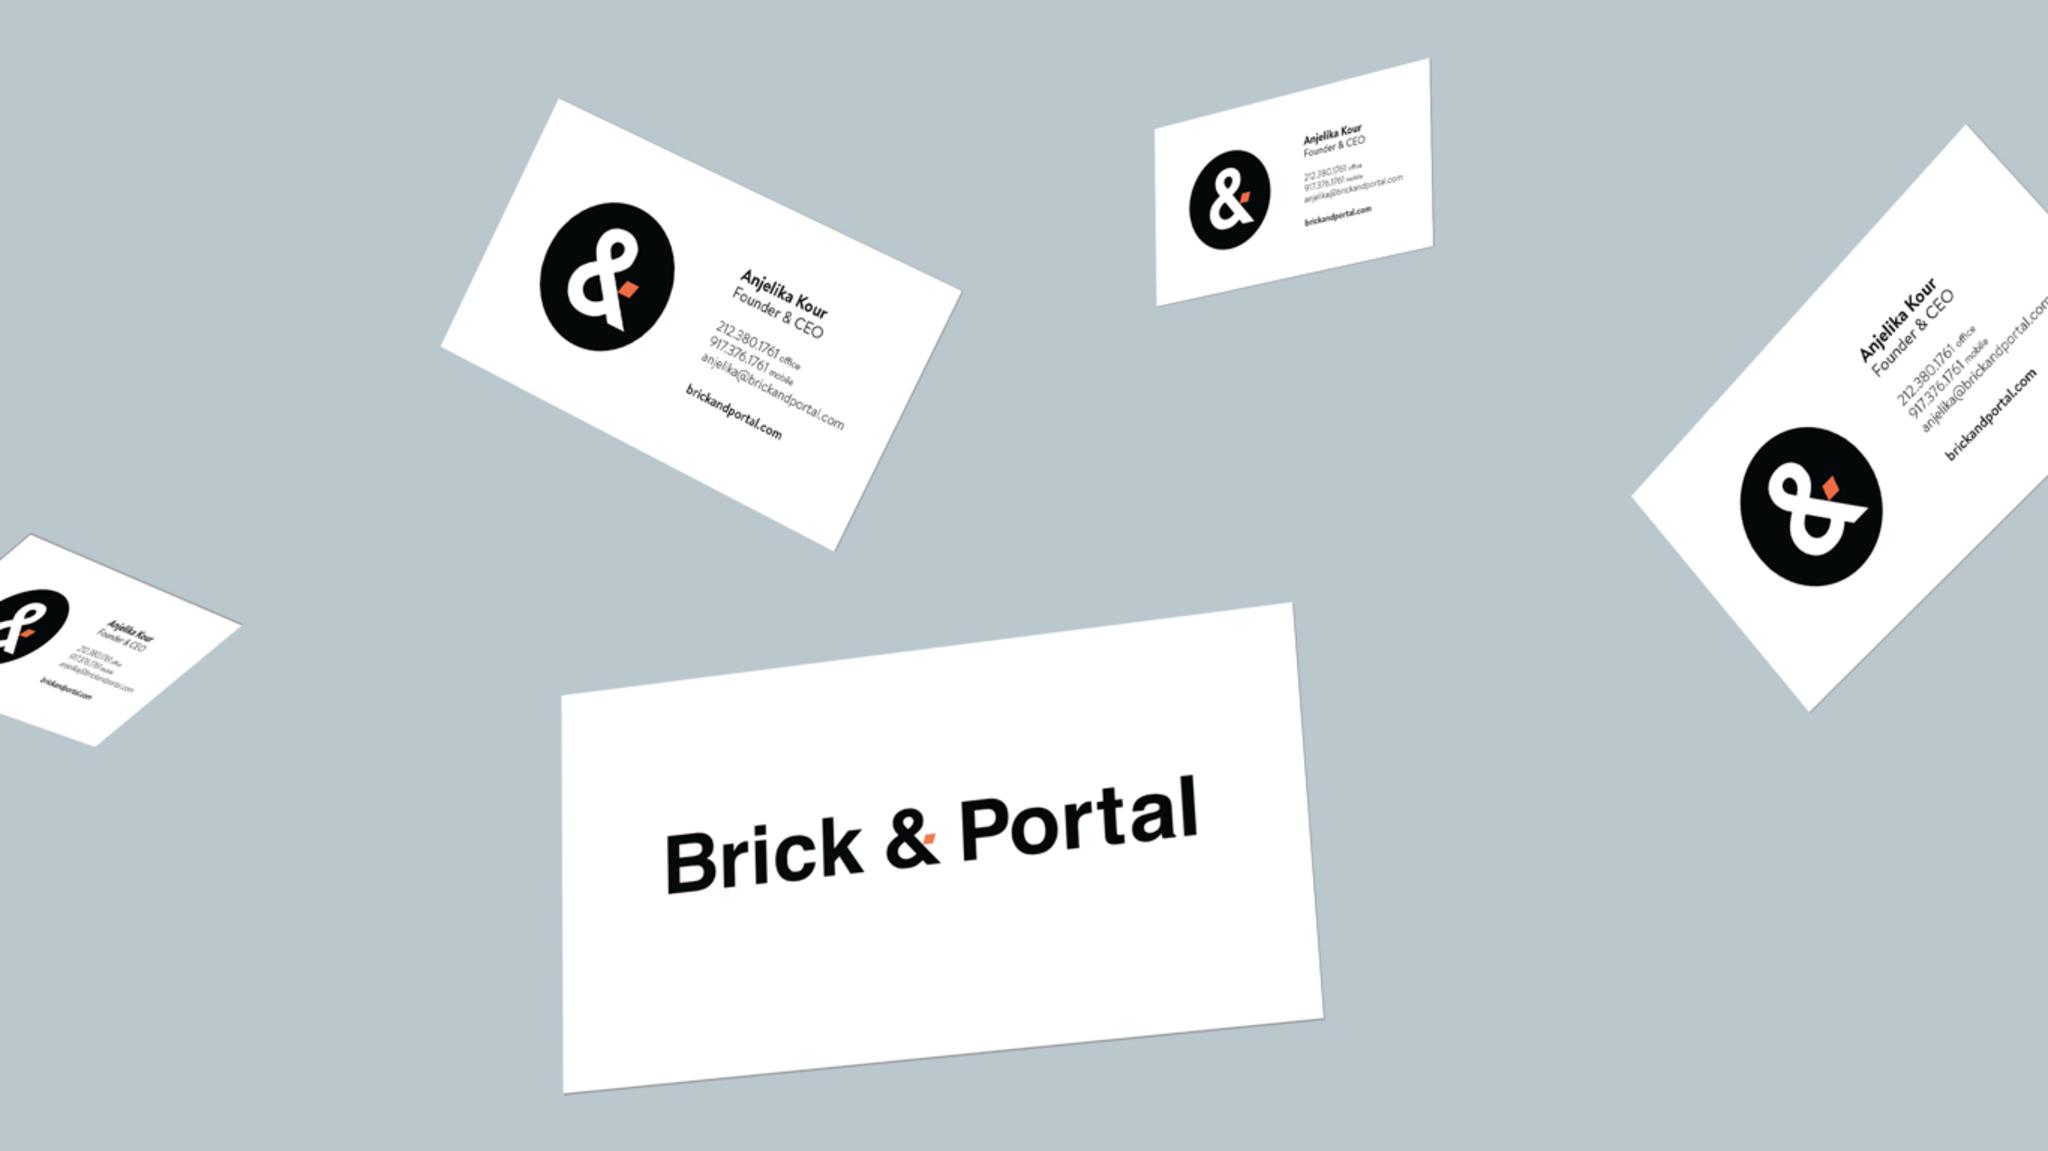 Brick & Portal - Design